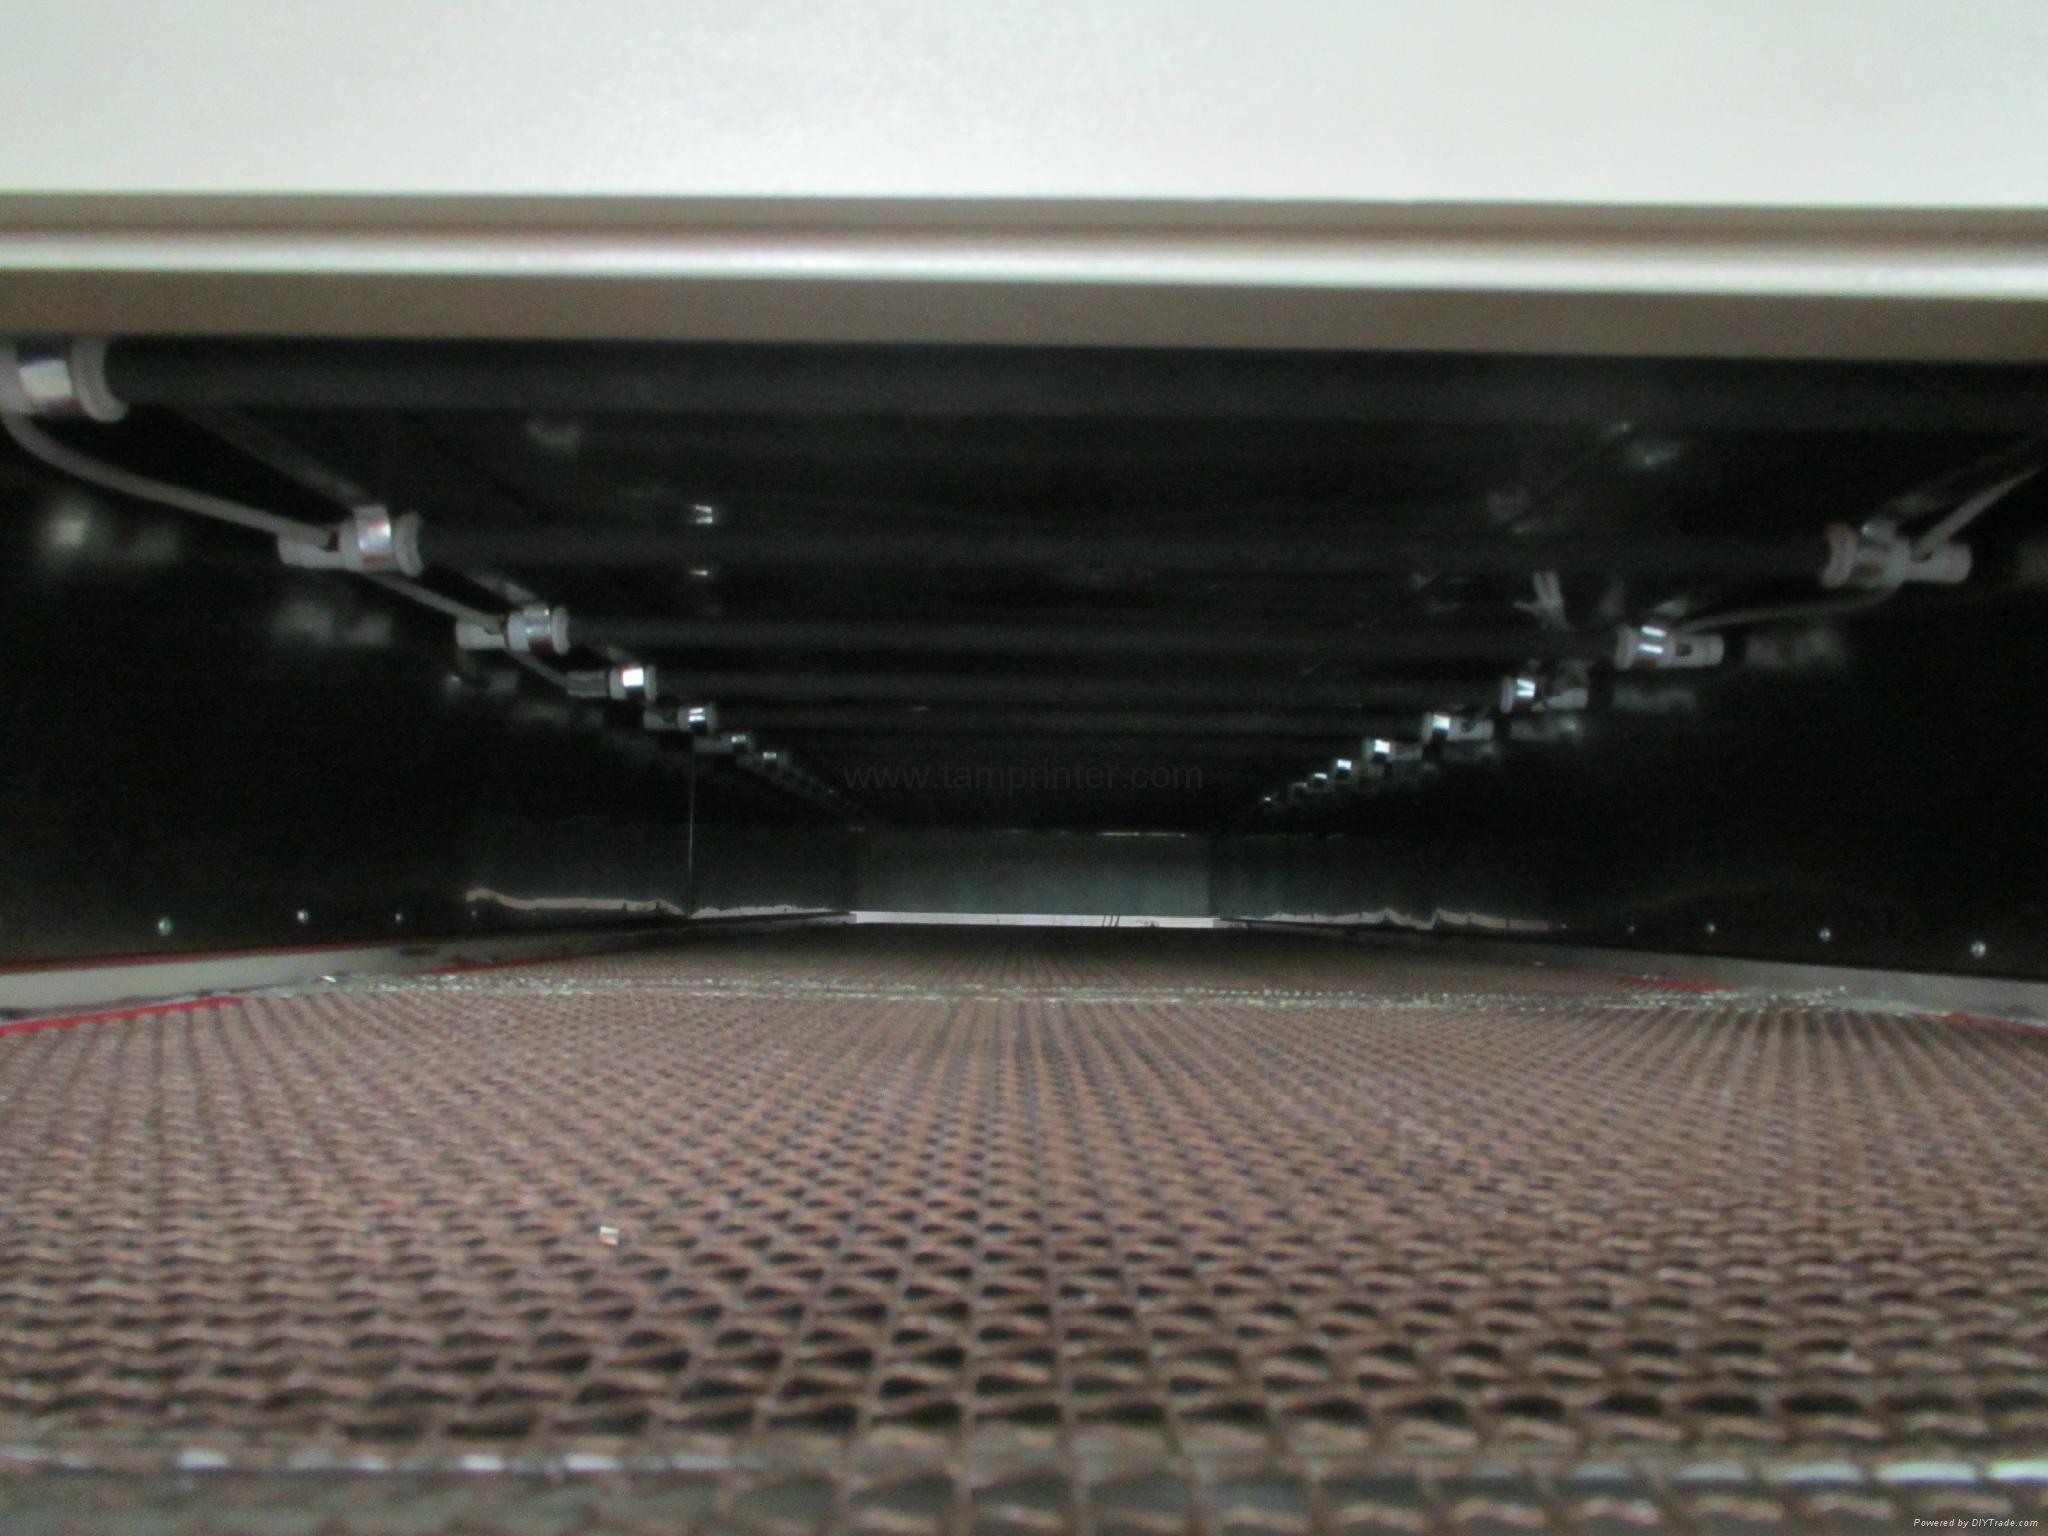 T-shirts IR Drying Tunnel